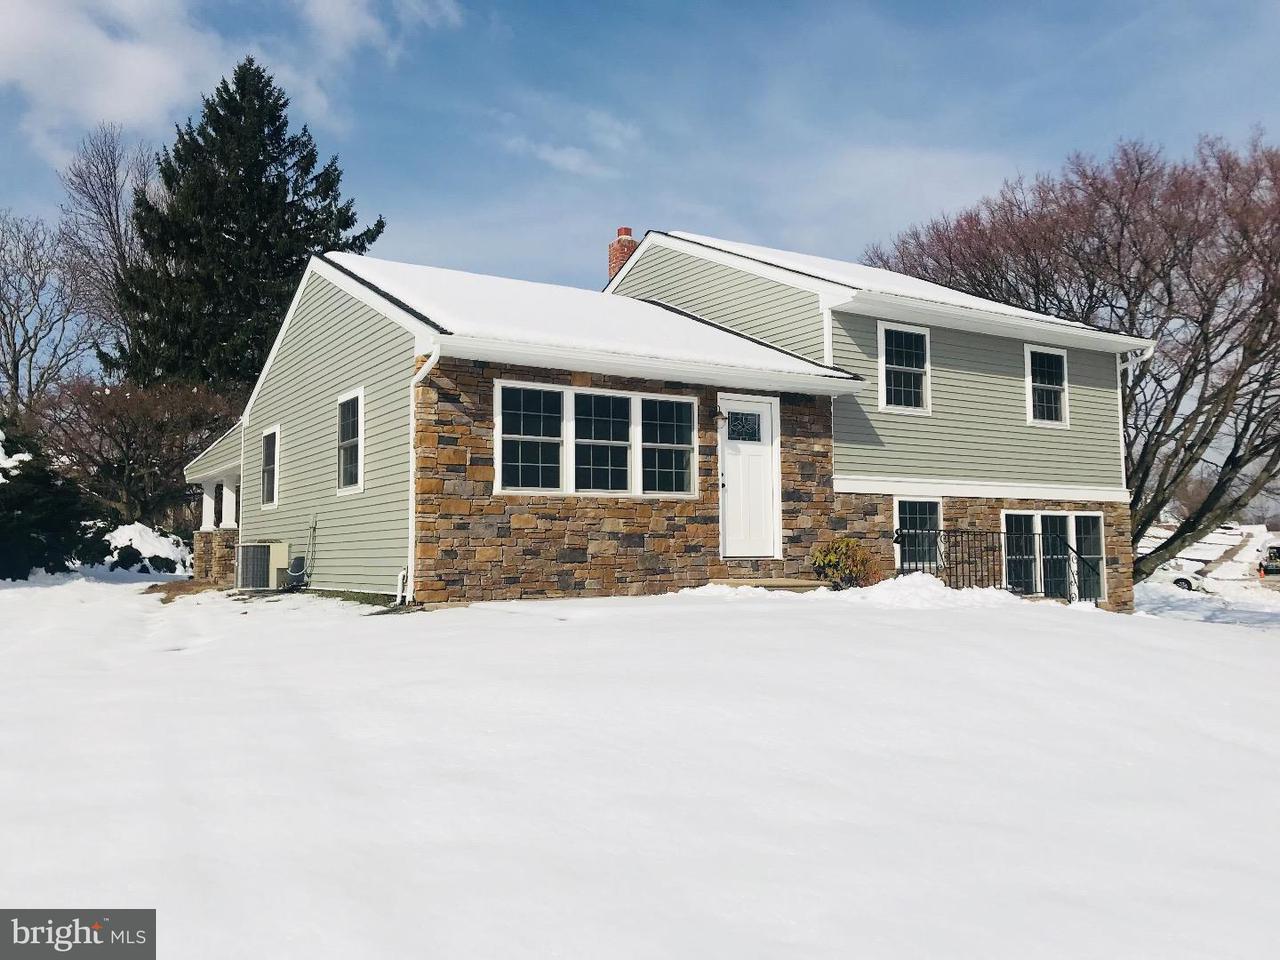 Maison unifamiliale pour l à louer à 342 N CENTRAL BLVD Broomall, Pennsylvanie 19008 États-Unis